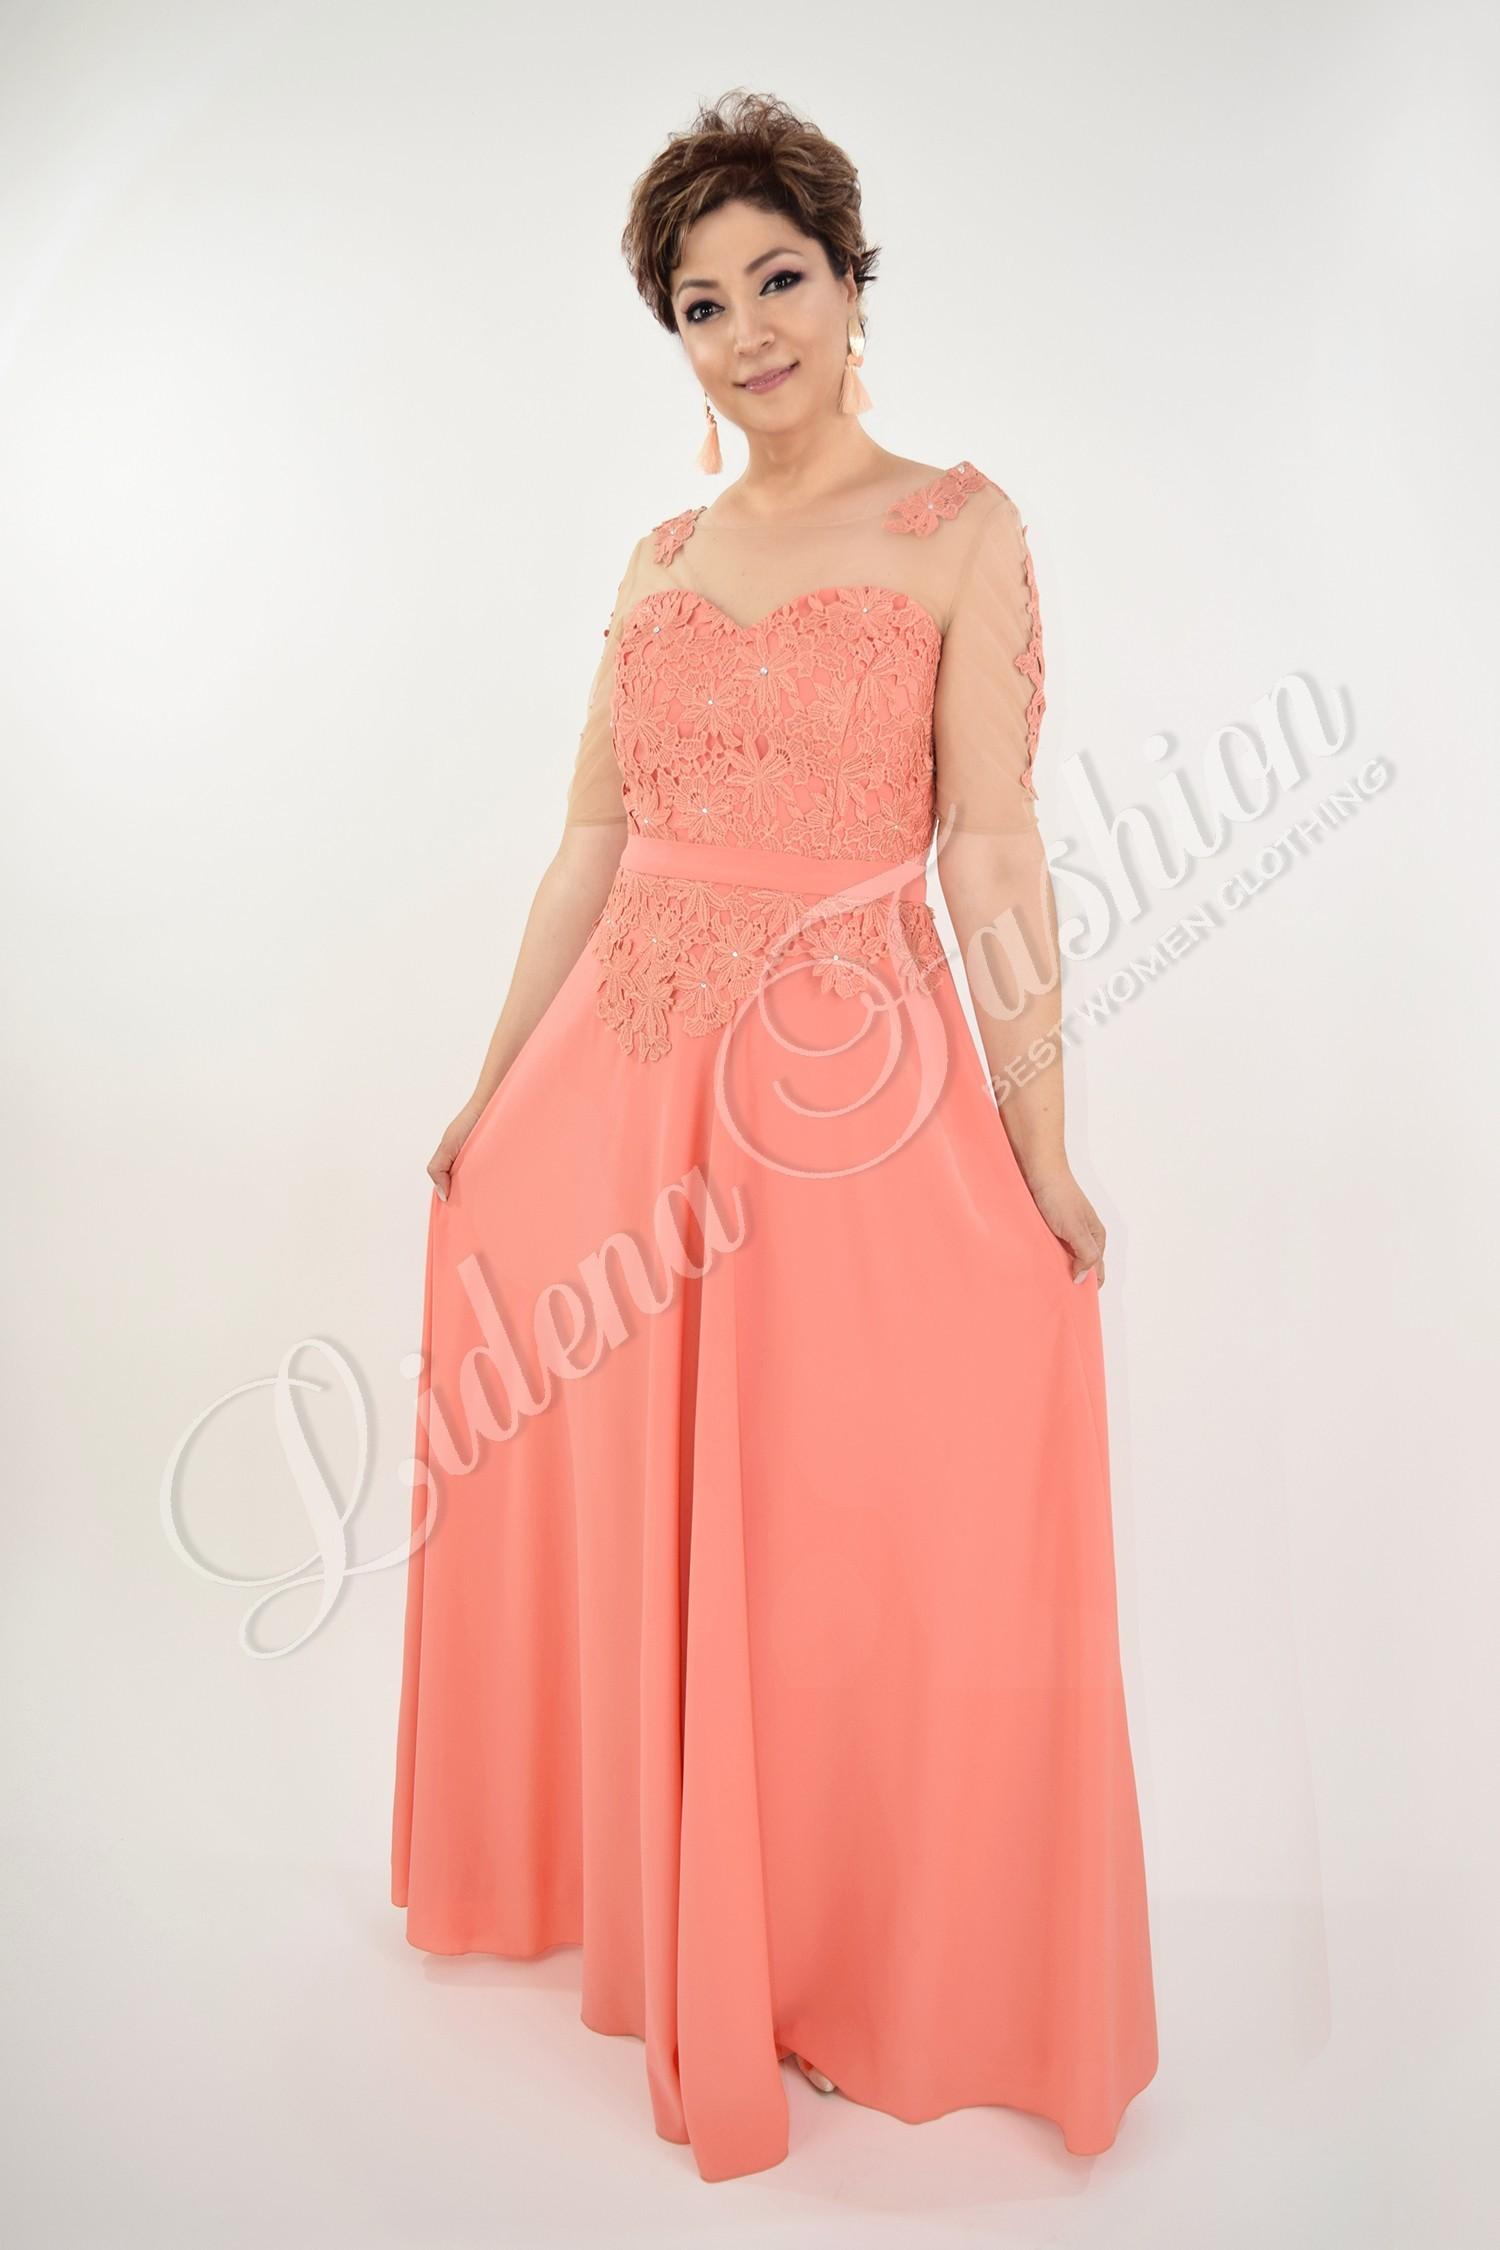 Rochie Anastasia lungă culoare Somon